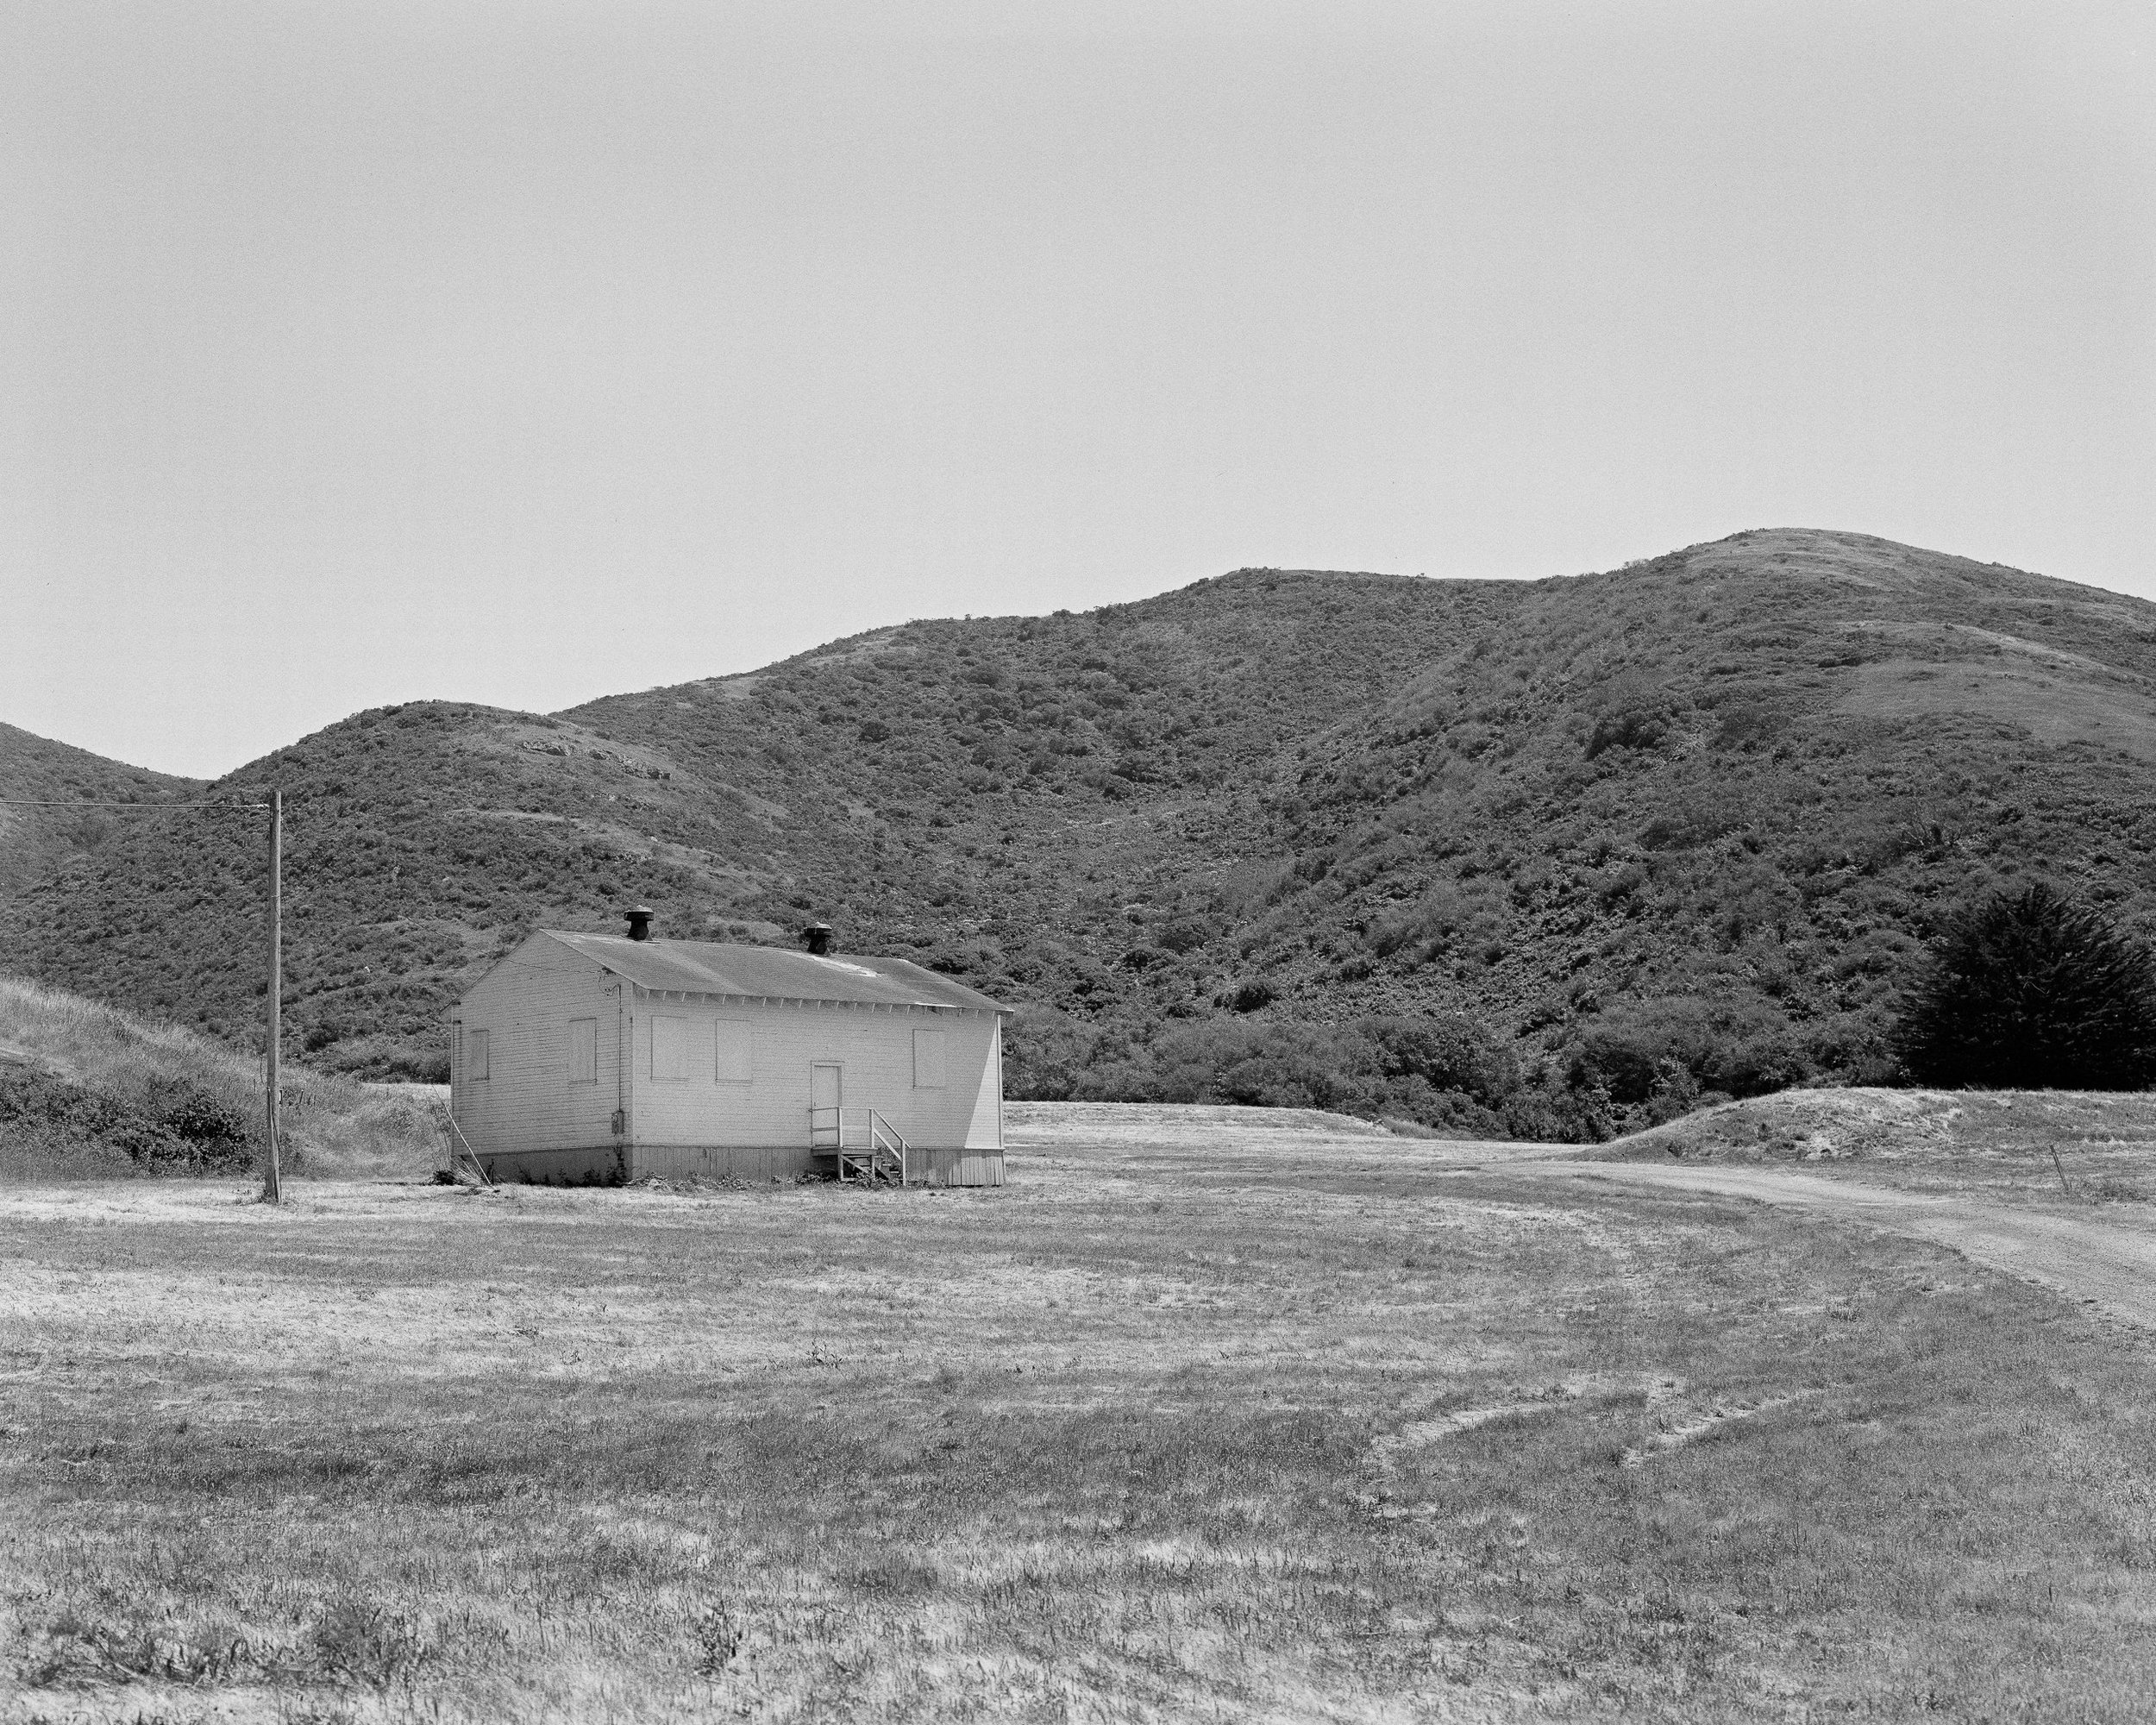 20180508 Marin Headlands - Remote Outpost.jpg